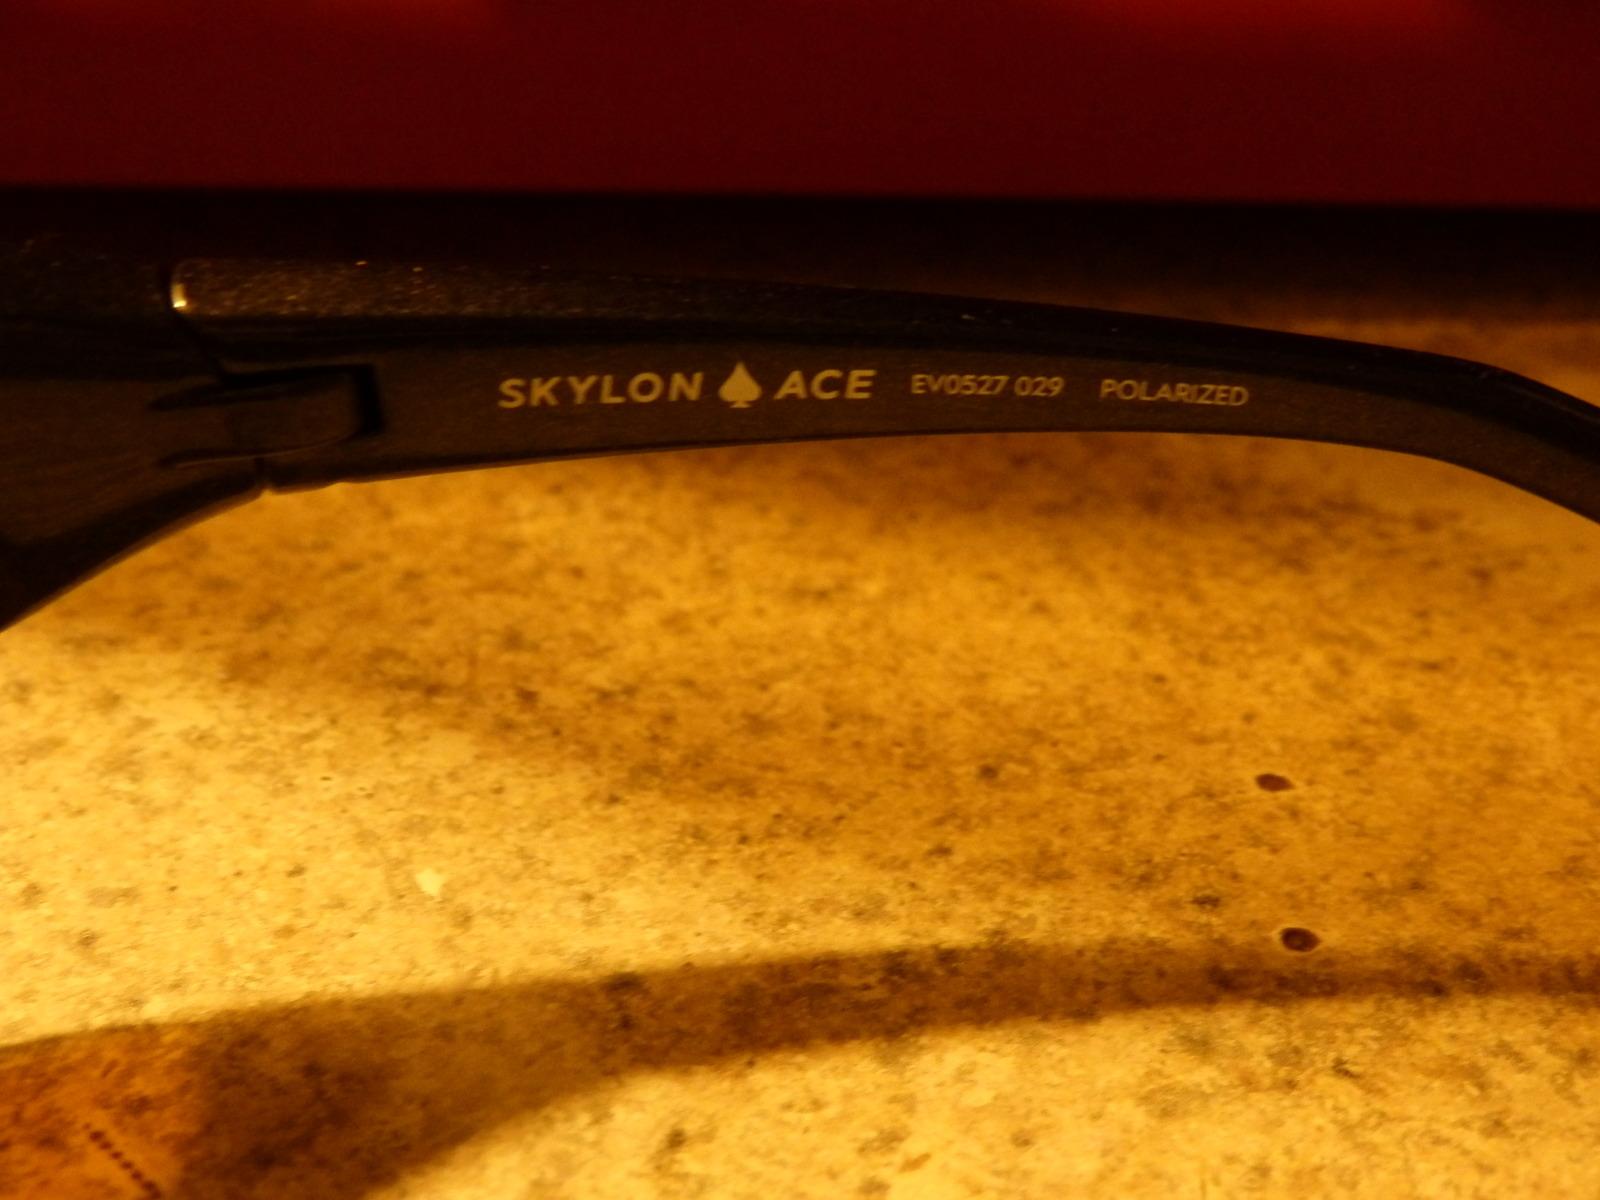 3b147ec4bc Nike Polarized Skylon Ace P EV0527 029 Max Optics Men s Sunglasses